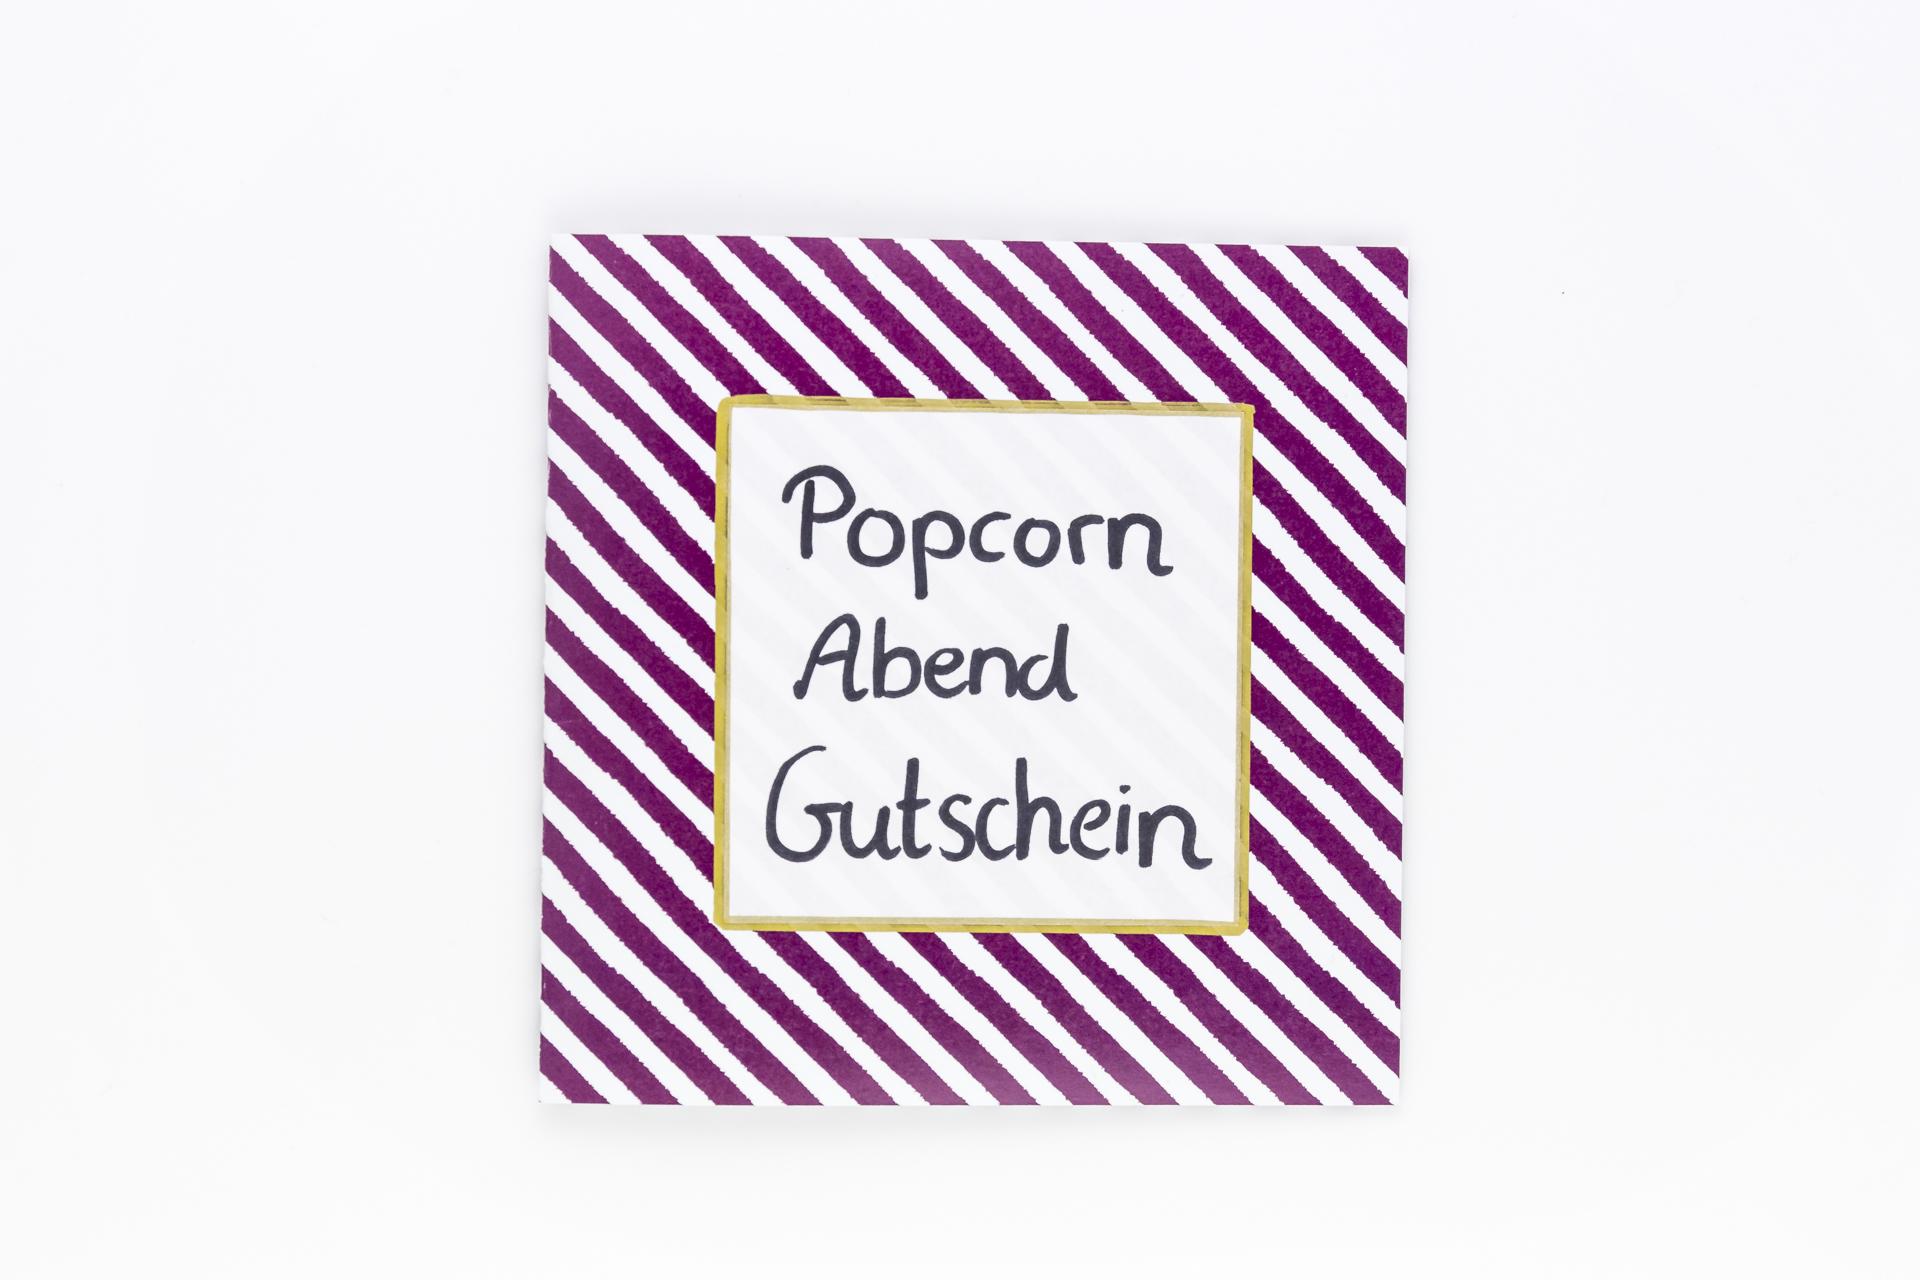 popcorn abend gutschein